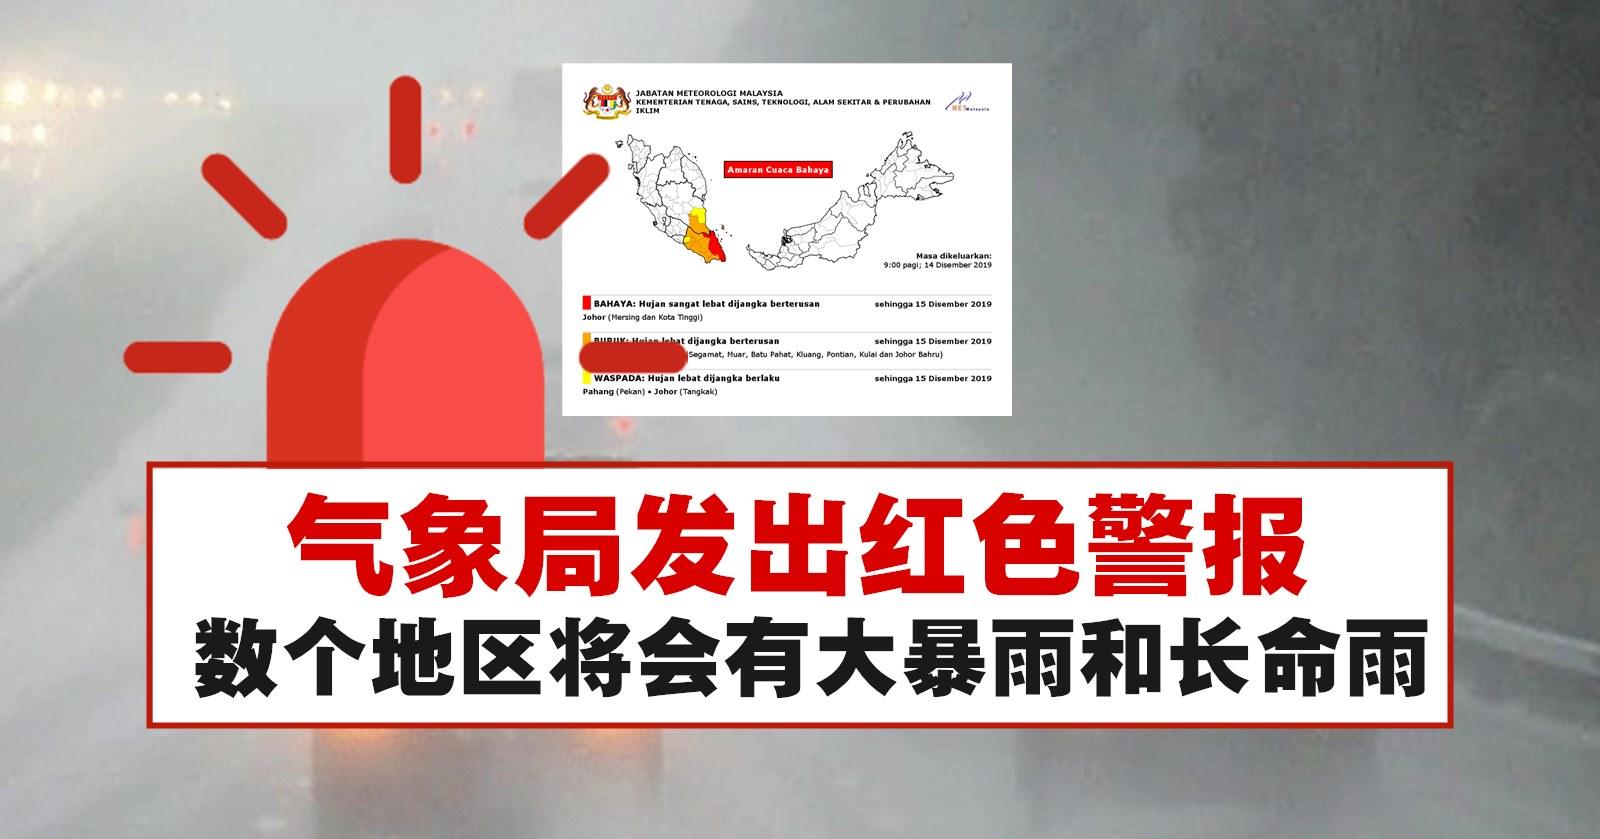 气象局发出红色警报,数个地区将会出现大暴雨和长命雨